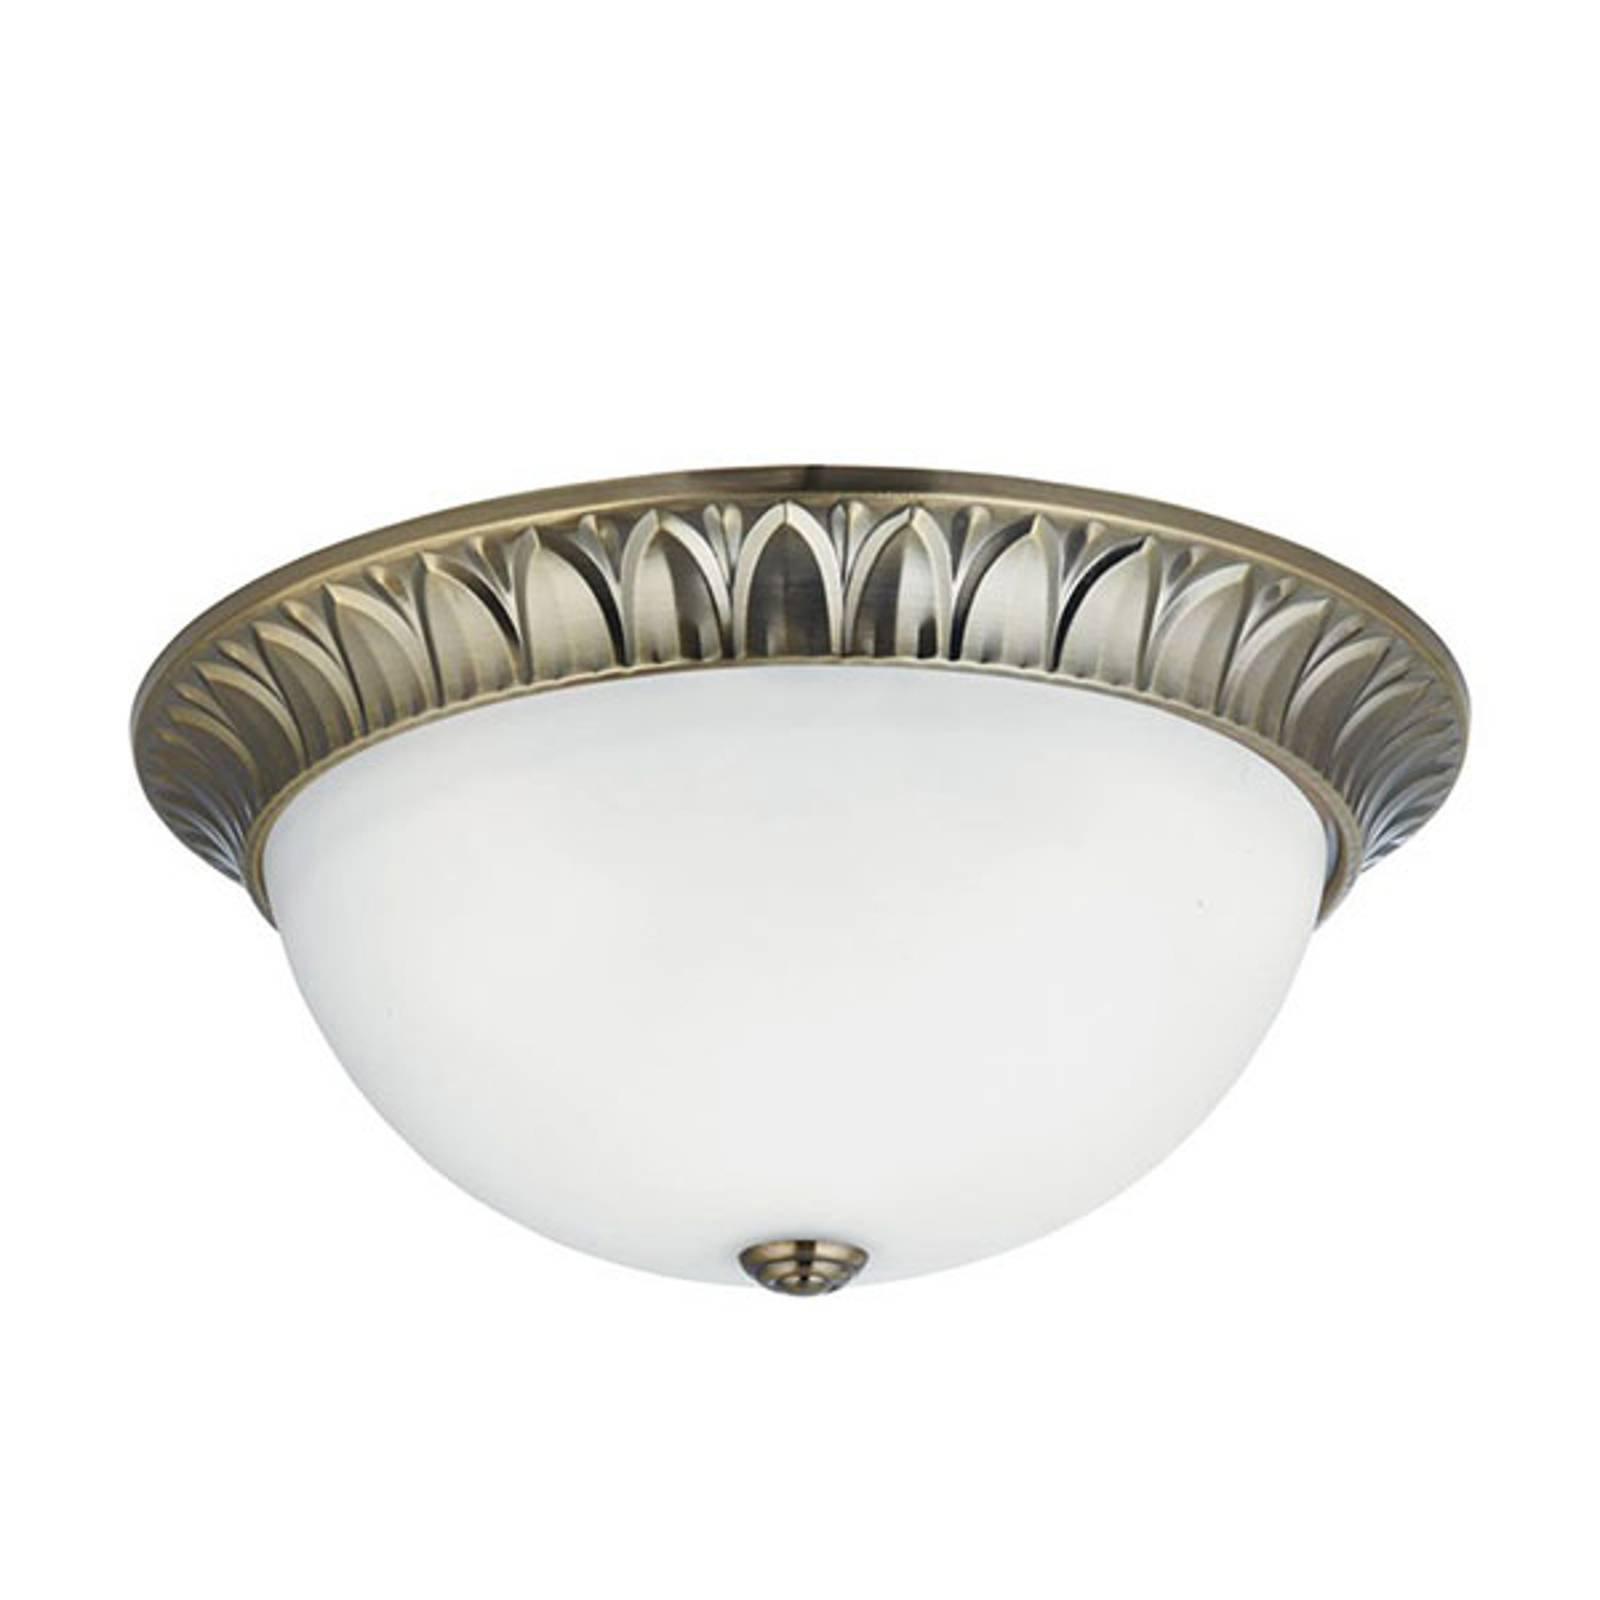 Glass-taklampe Flush messing antikk, Ø 38 cm